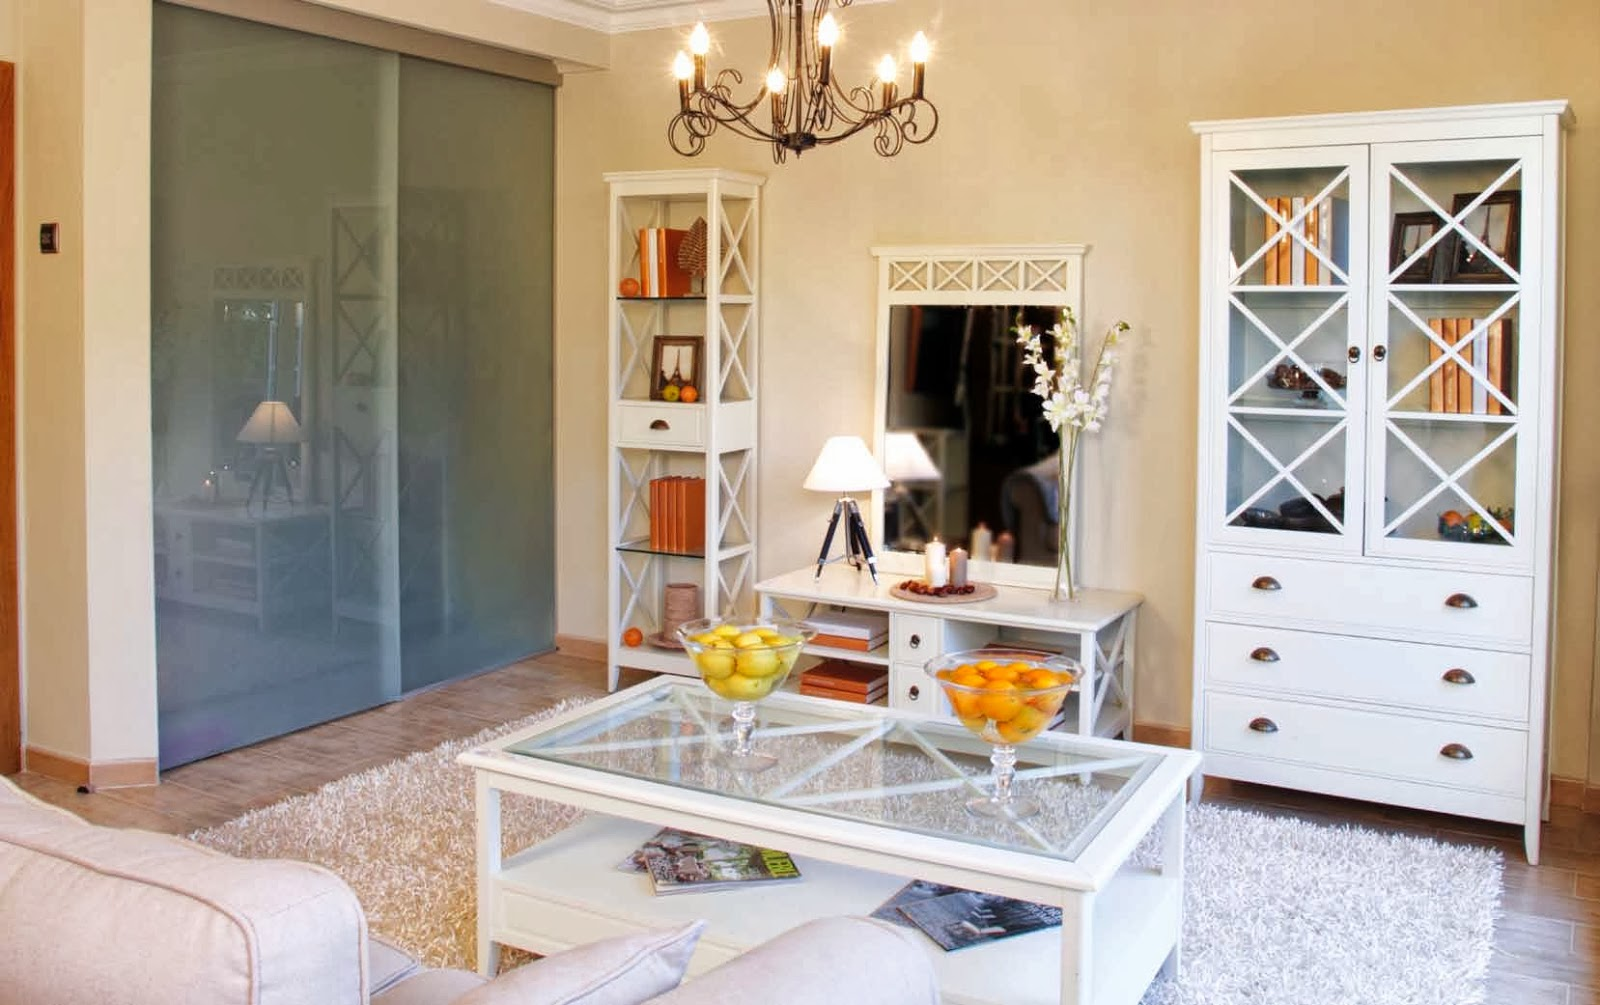 Muebles Coloniales Blancos Mueble De Diseo Imagen Vitrina New  # Muebles Coloniales Tijuana